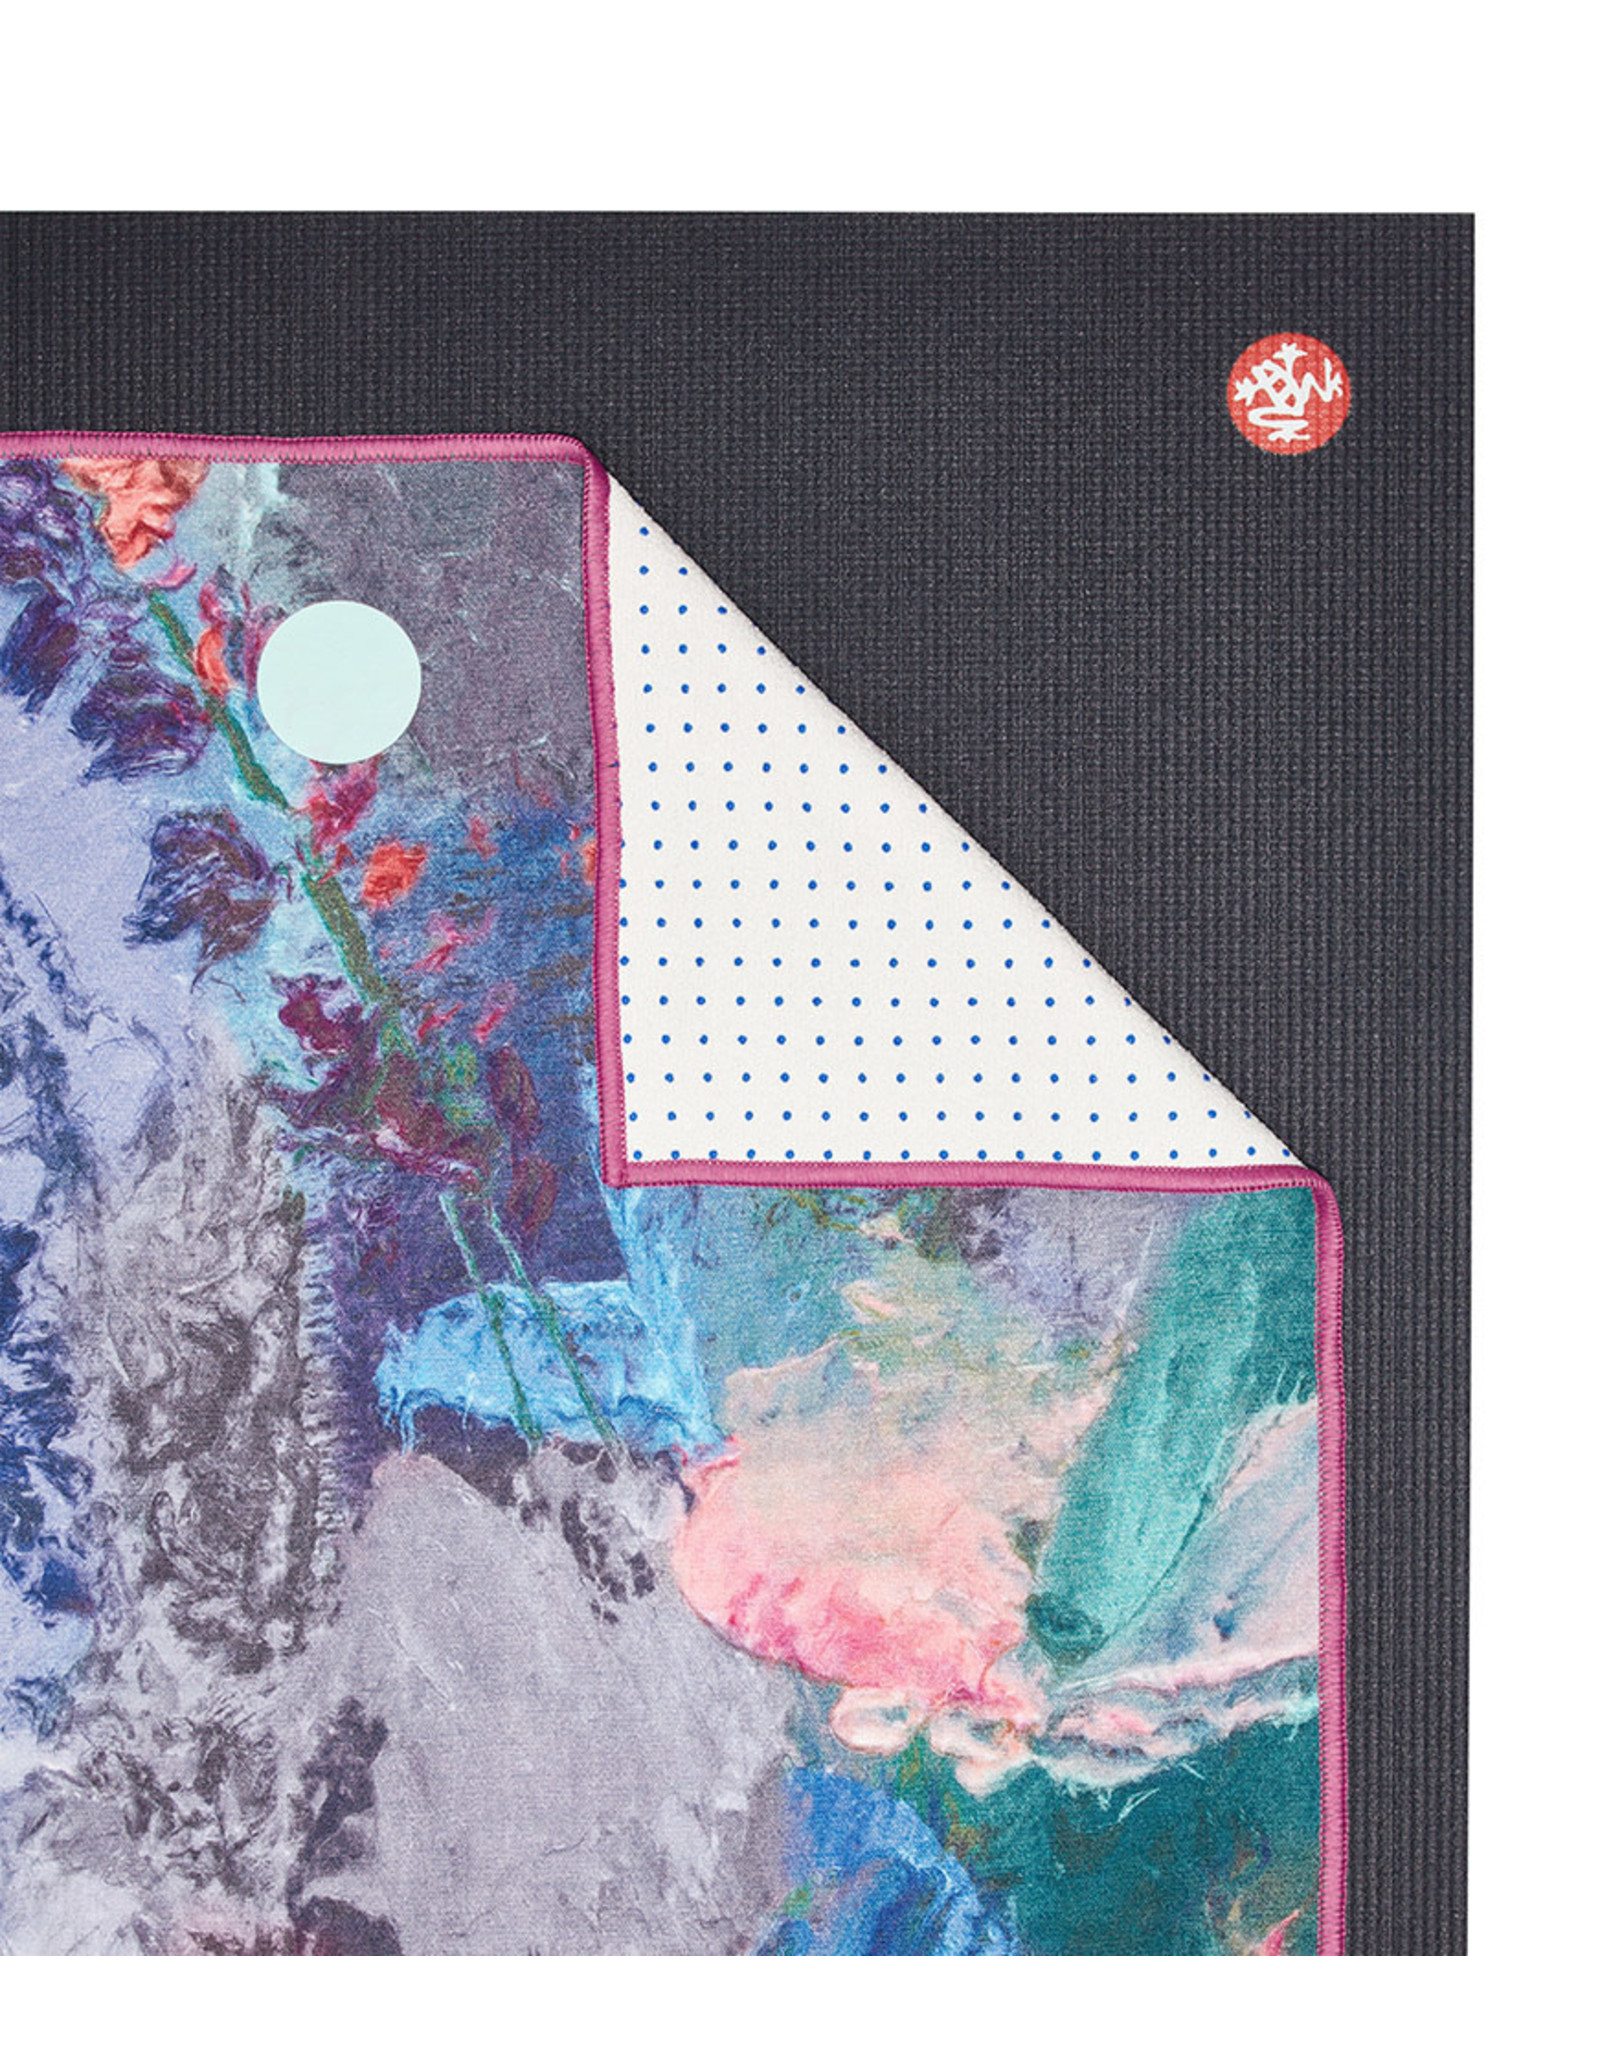 Manduka Yogitoes 2.0 towel-Illuminated Floral